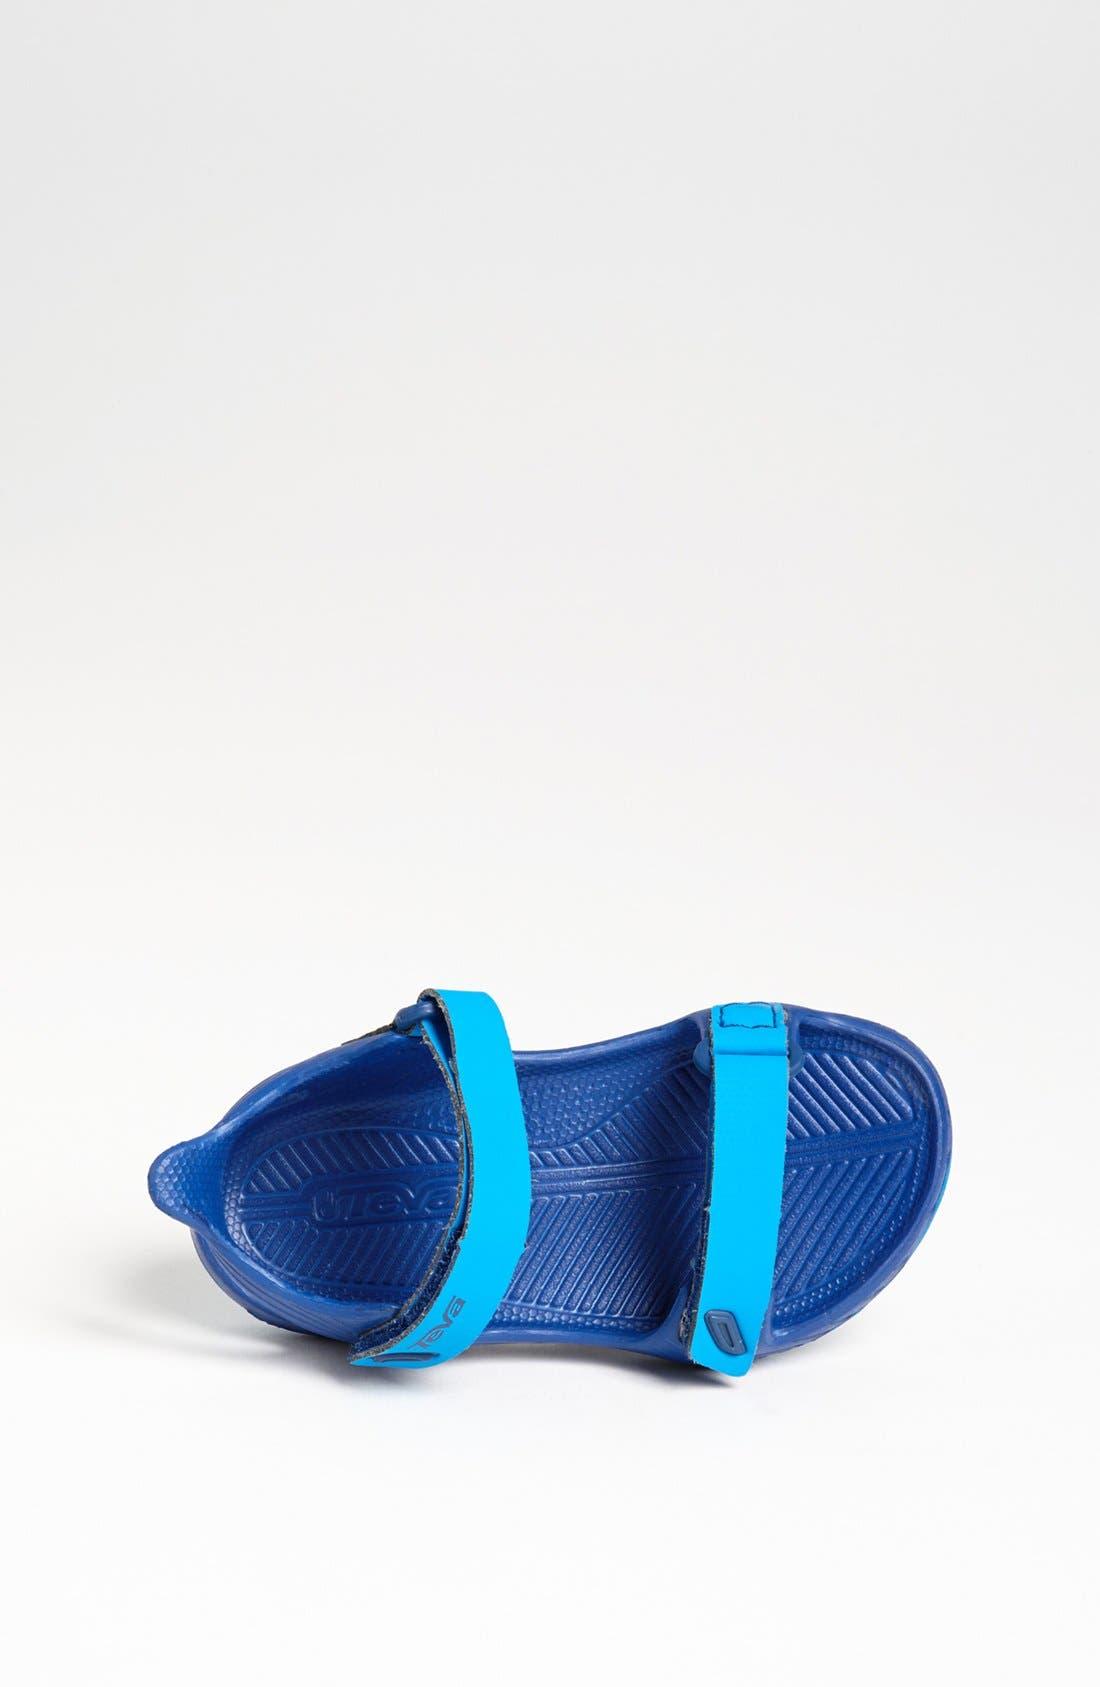 Alternate Image 3  - Teva 'Barracuda' Sandal (Baby & Walker)